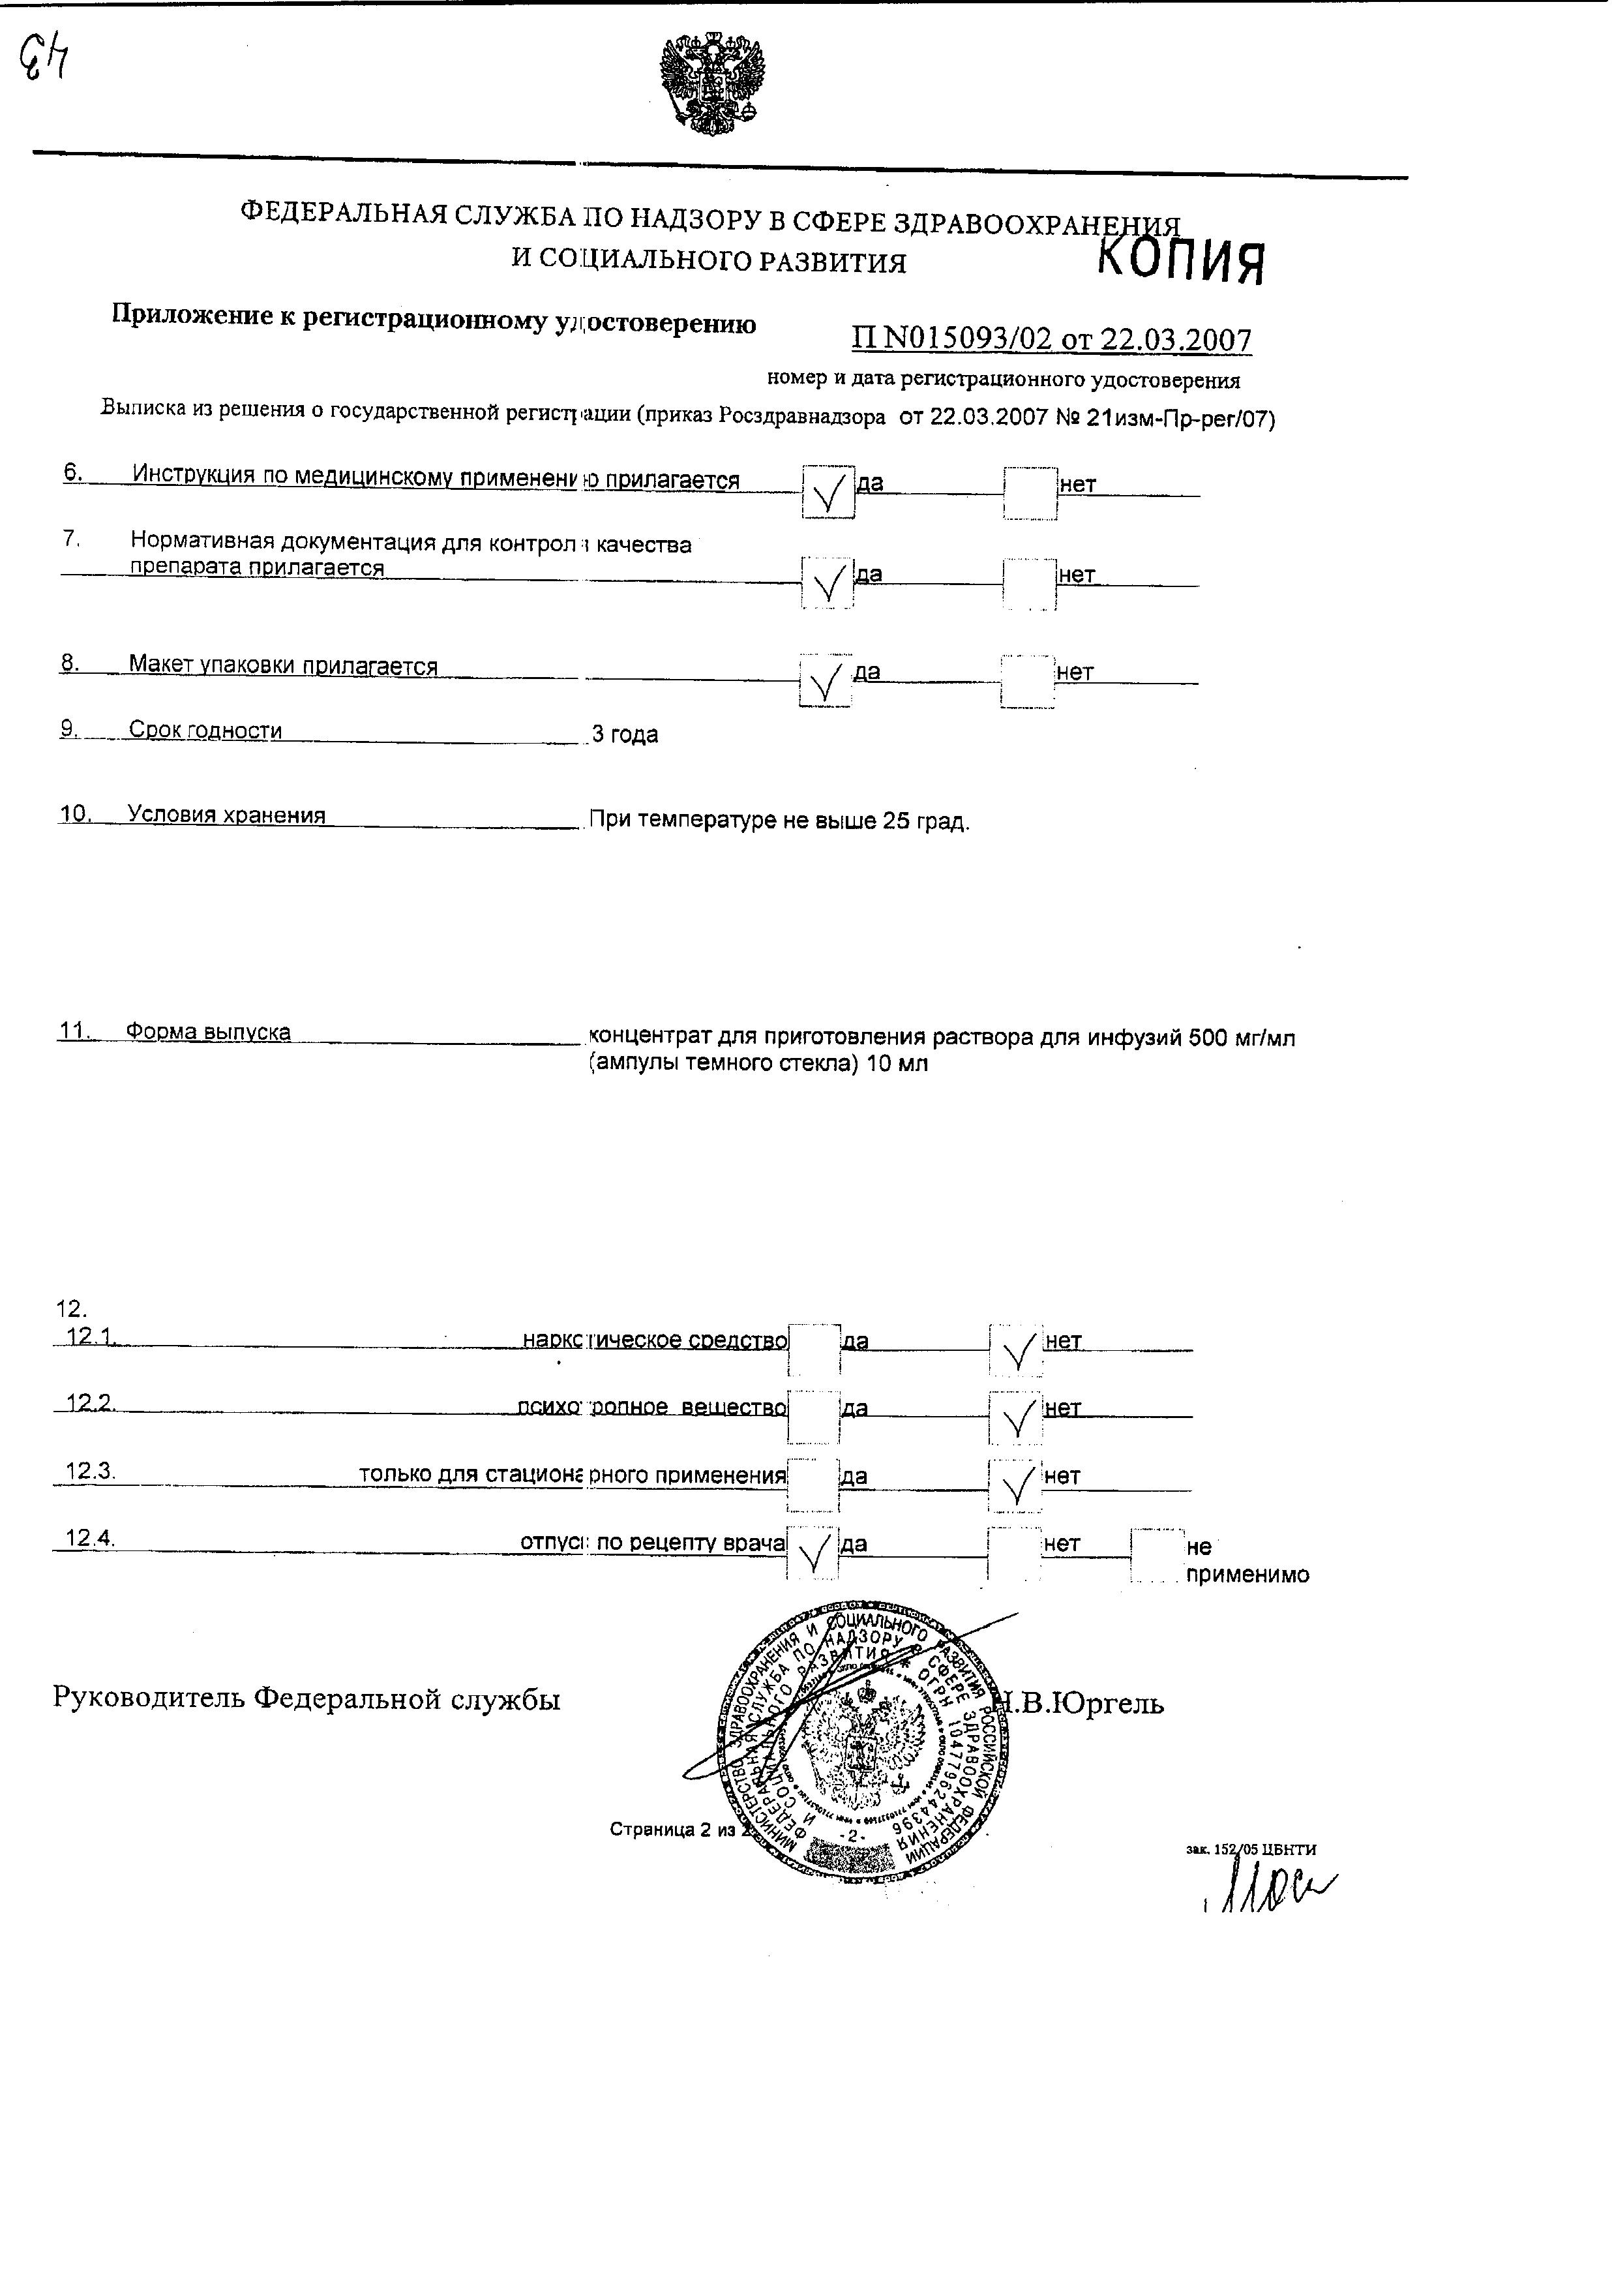 Гепа-Мерц сертификат